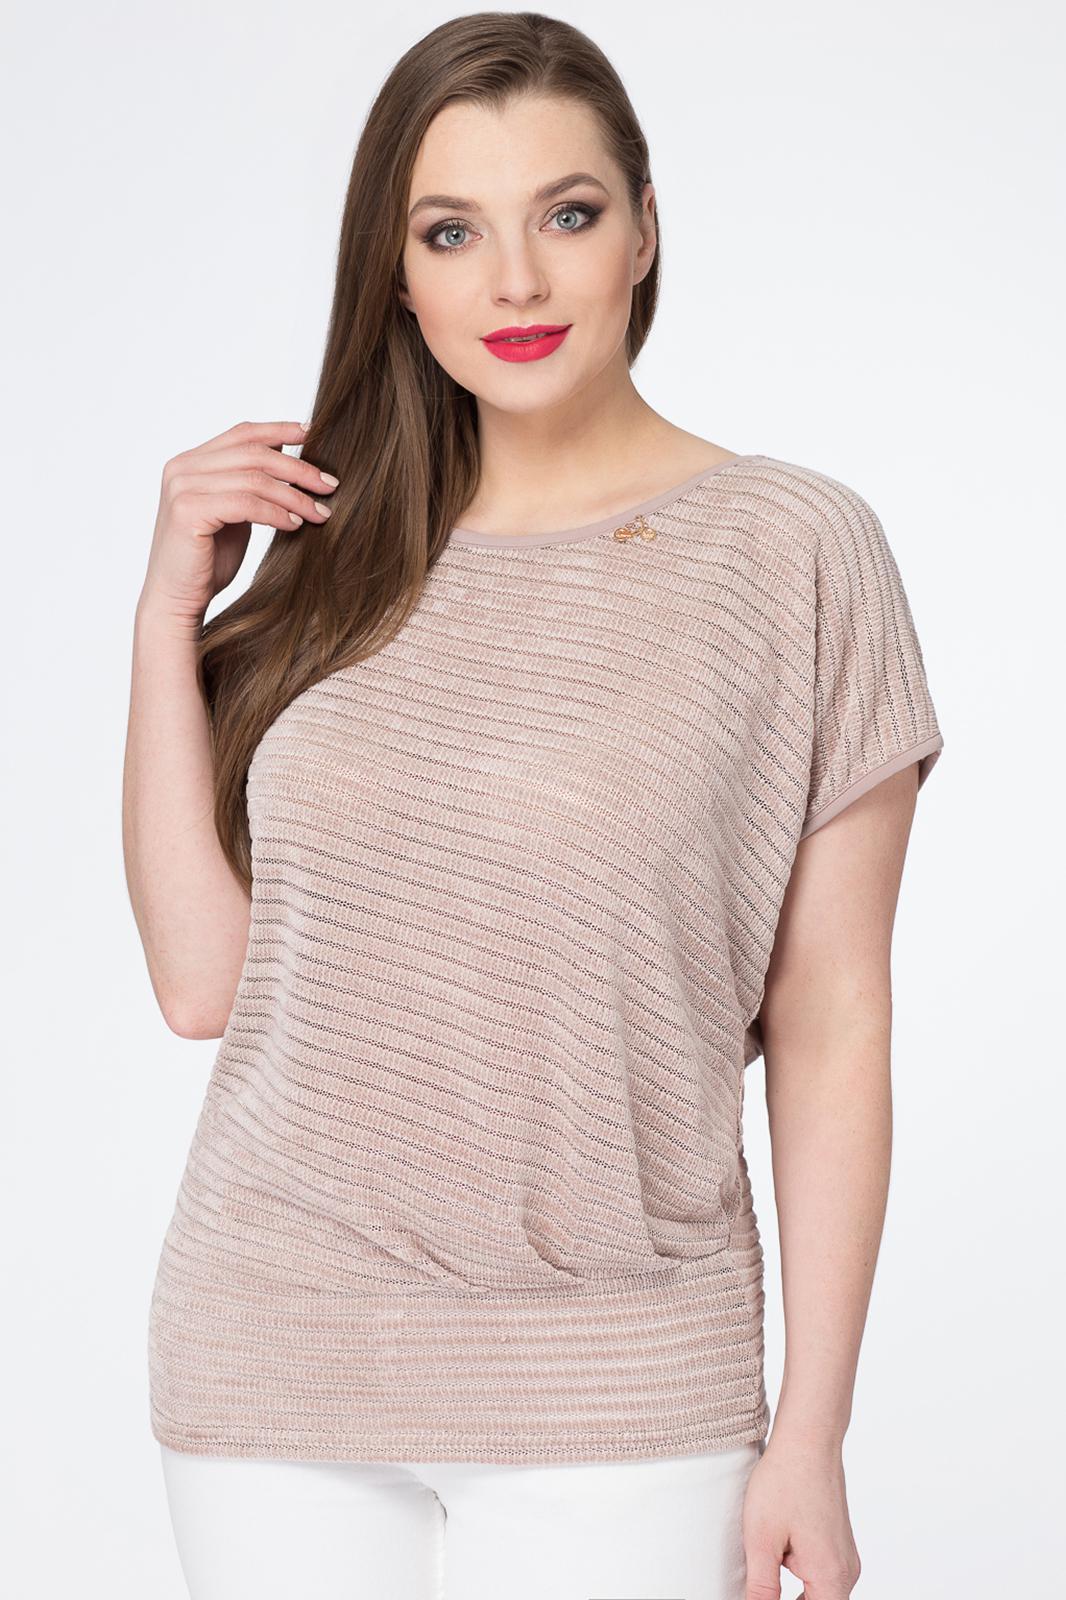 3b66a5d896bef Купить блузку в интернет-магазине в Минске. Недорогие женские блузки